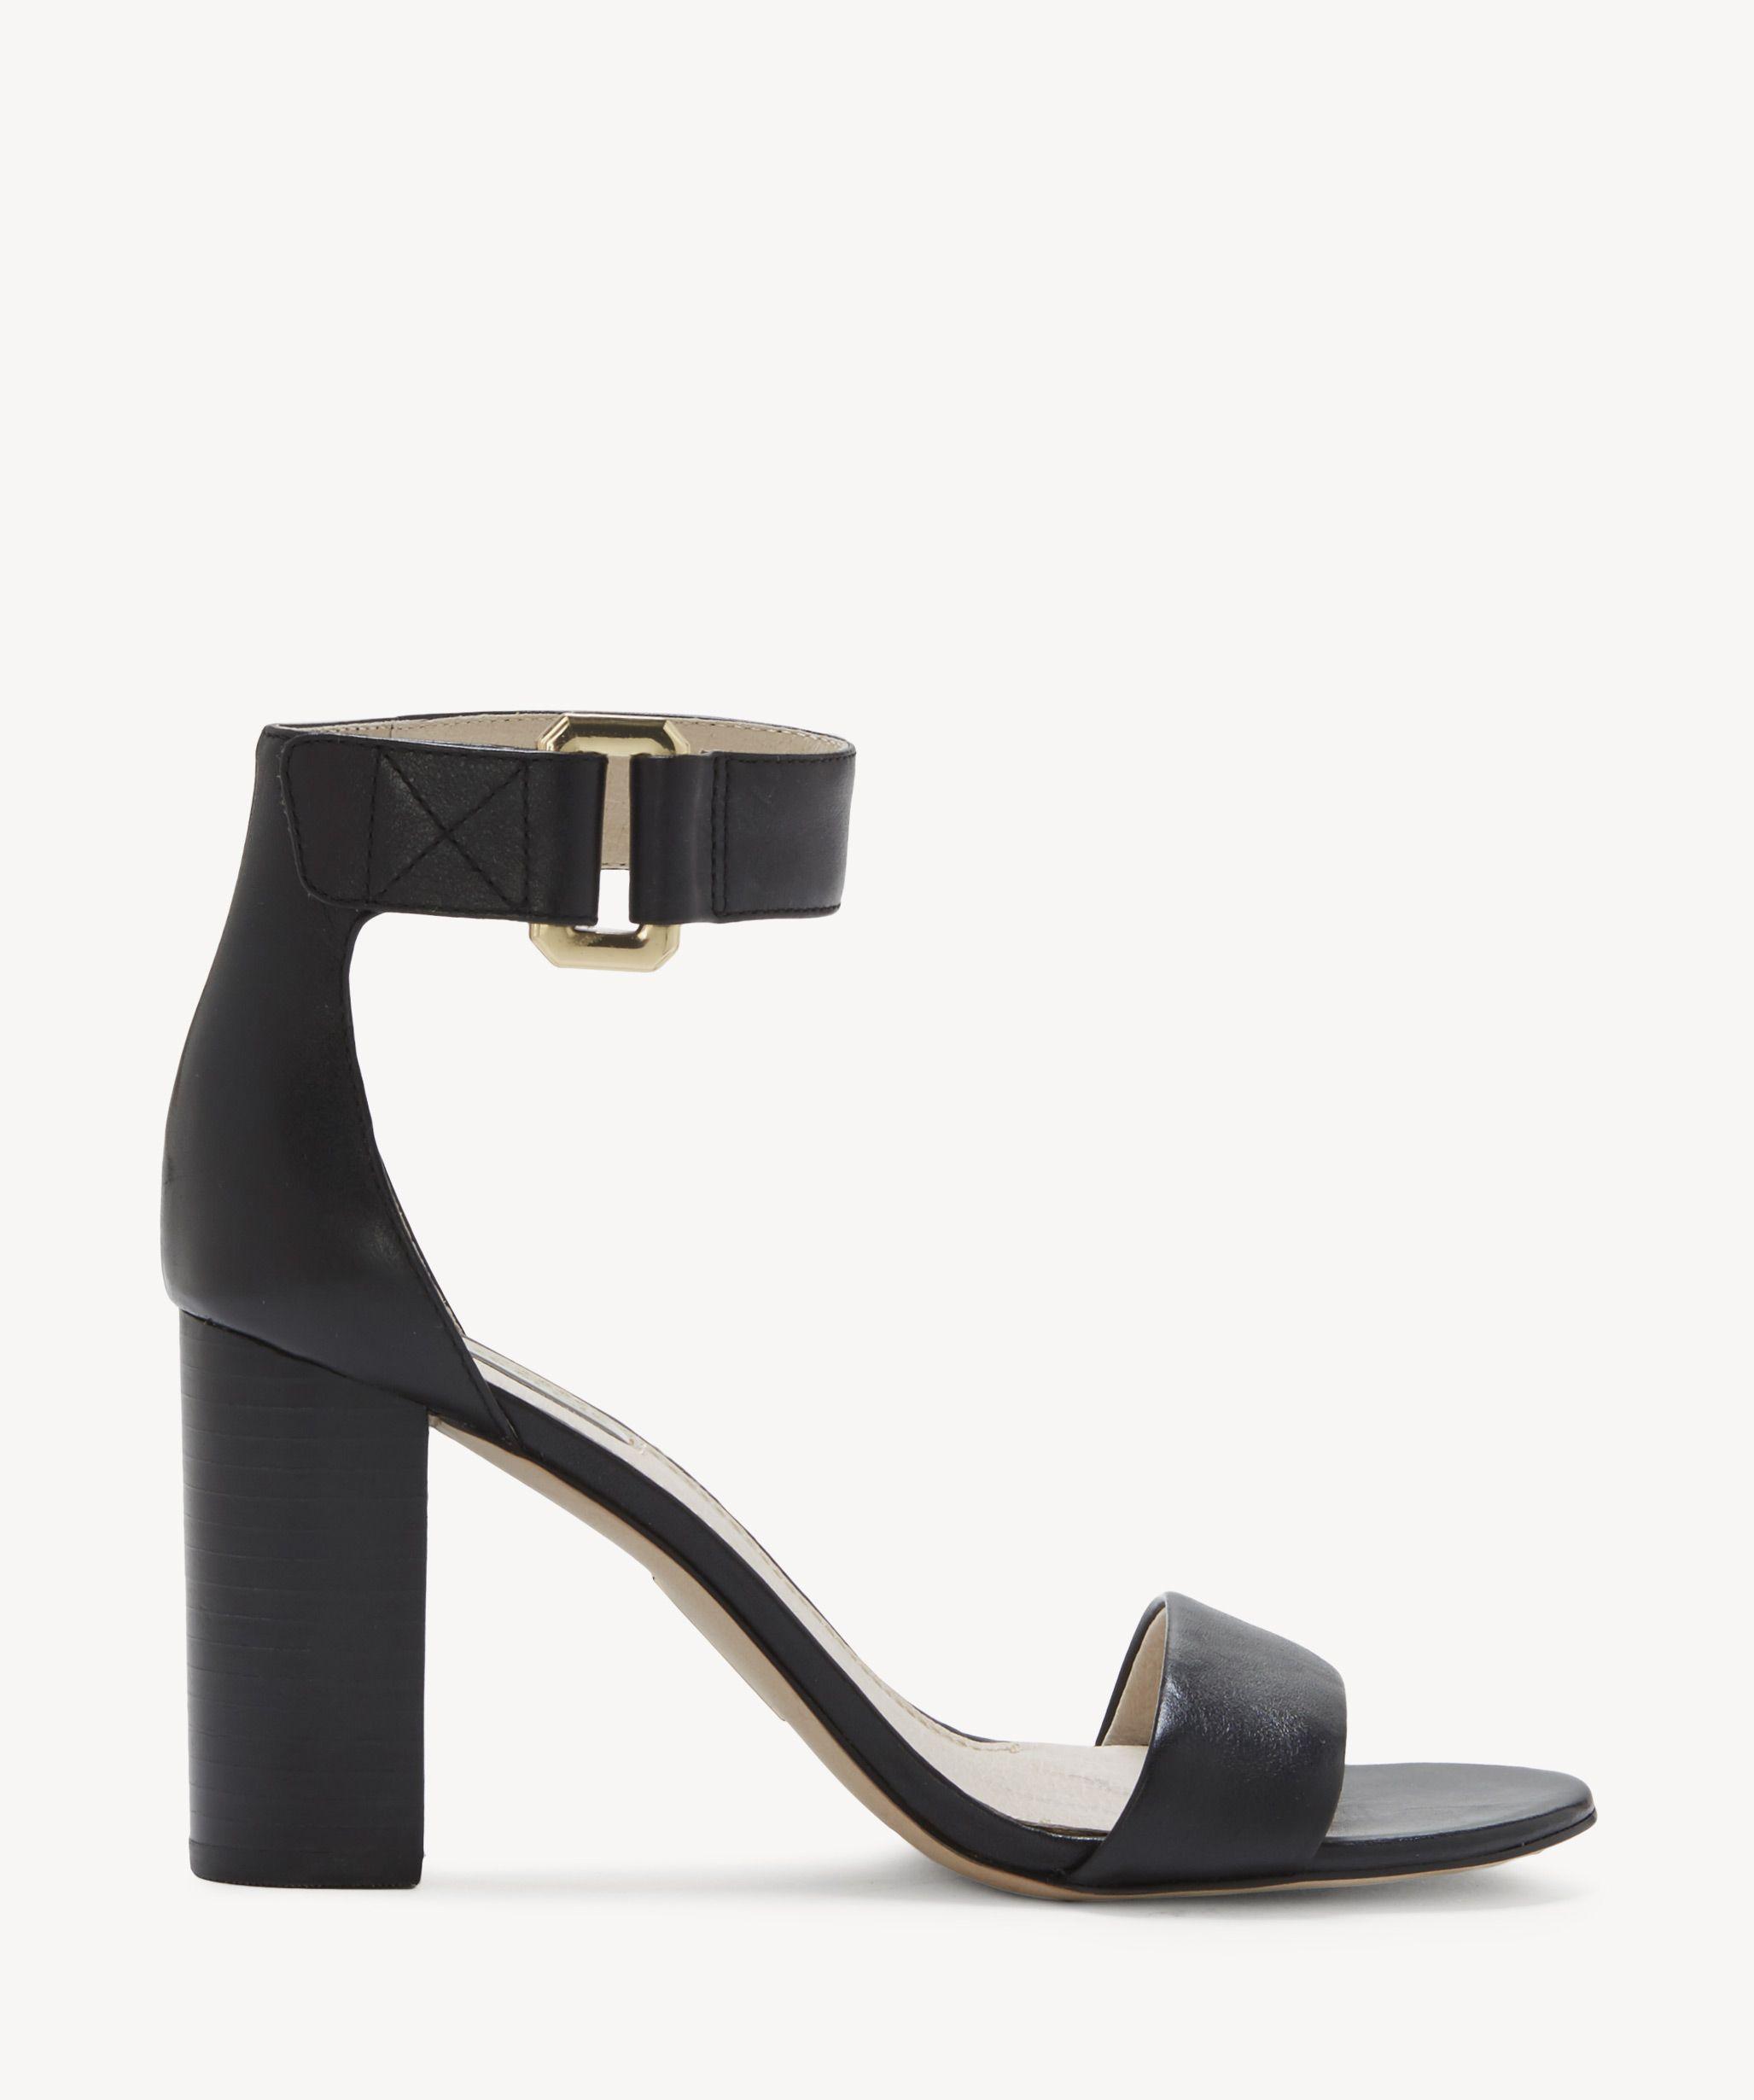 97a7179d5bf Louise Et Cie Kai Ankle Strap Sandals Black